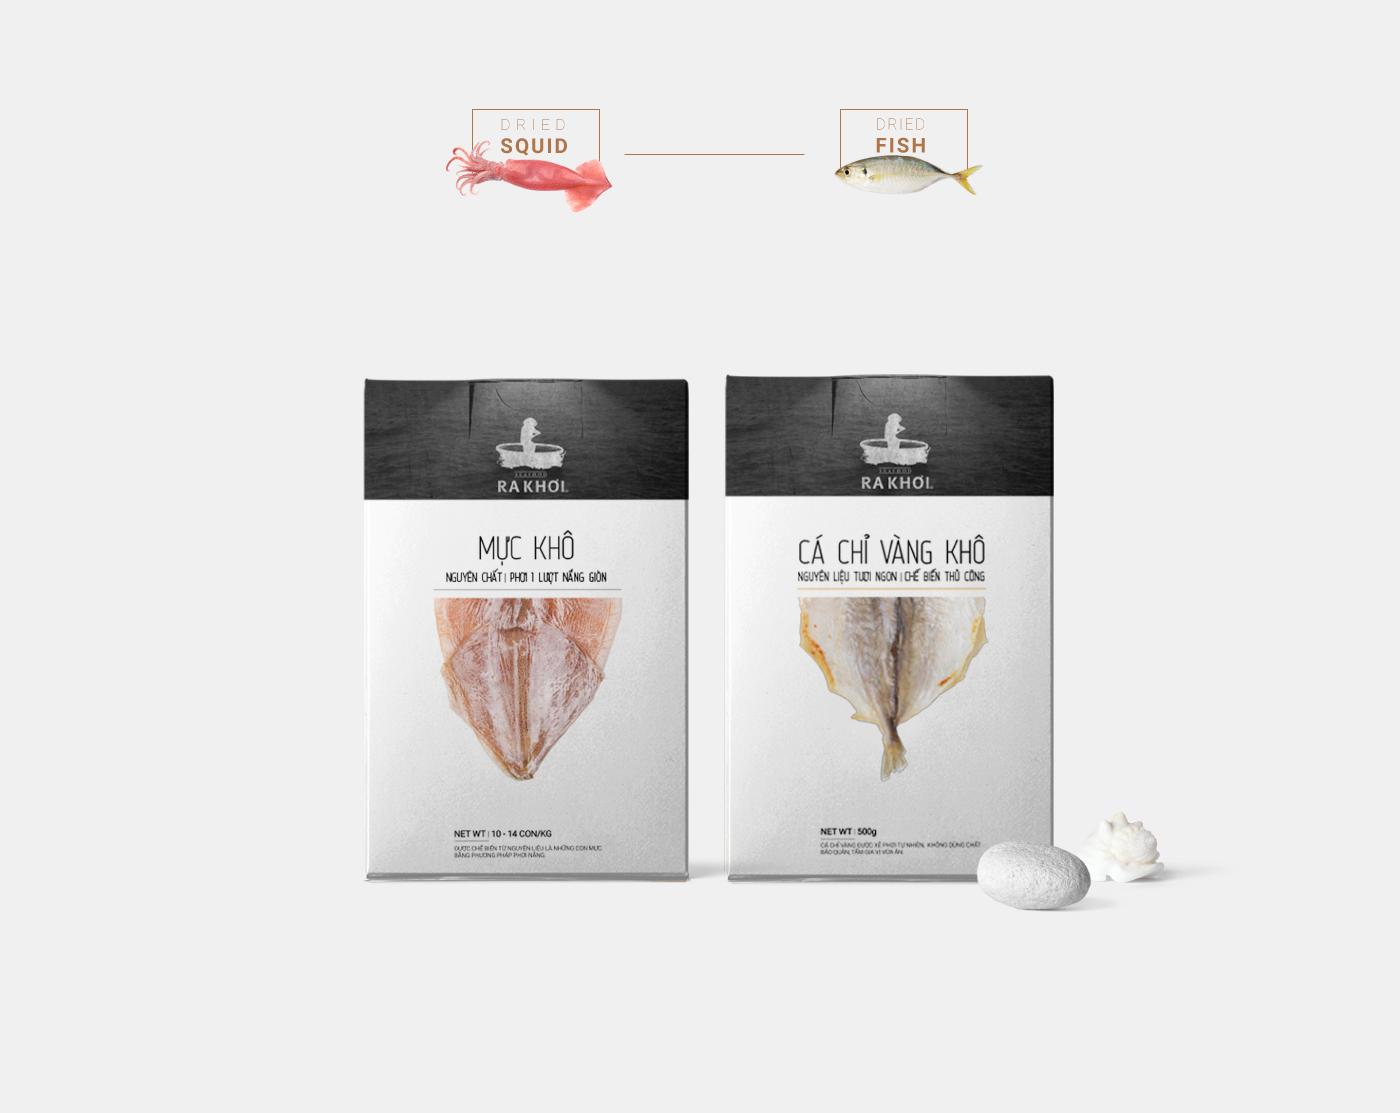 vietnam-packaging-ra-khoi-seafood-07